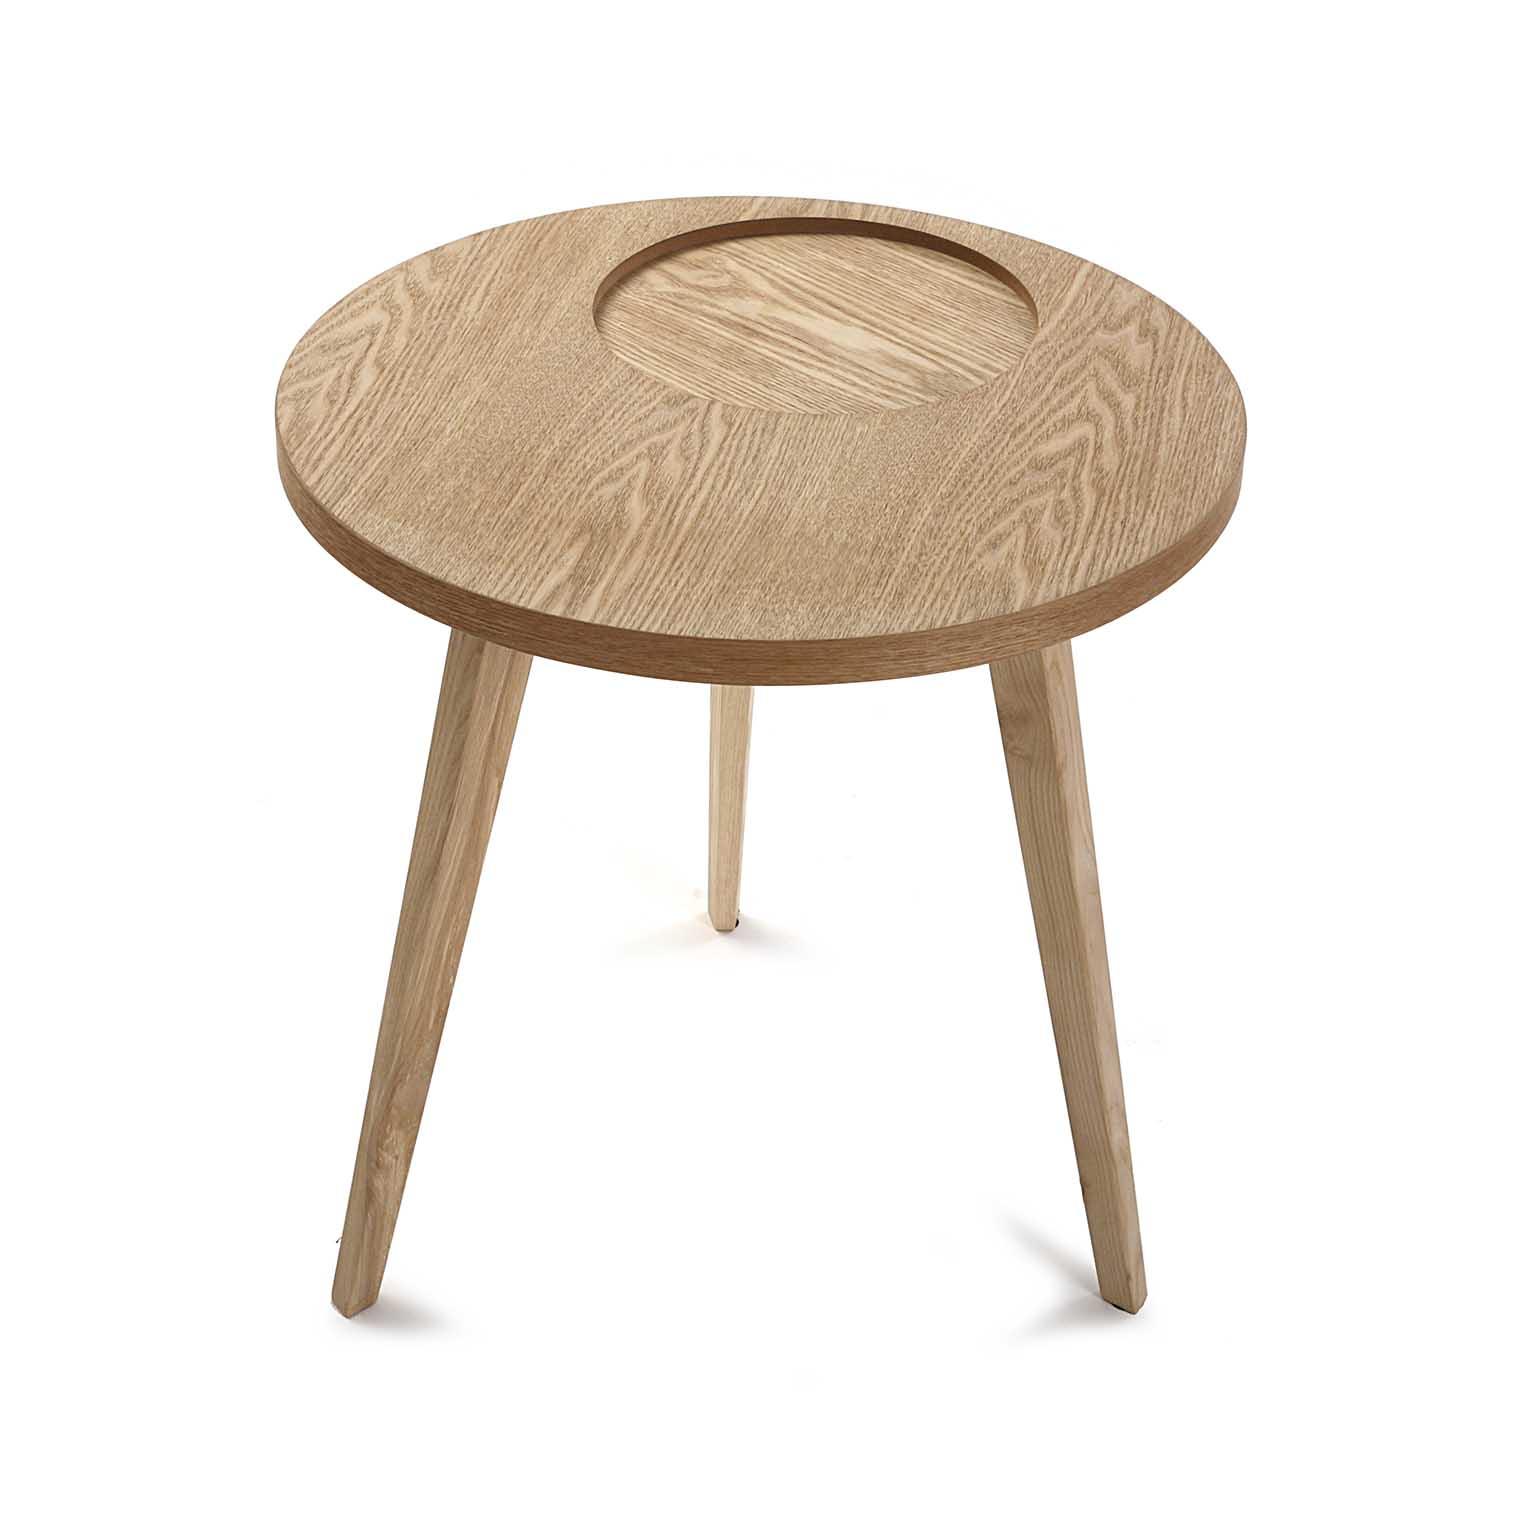 Table De Chevet Bout De Canapé Style Scandinave En Bois Clair